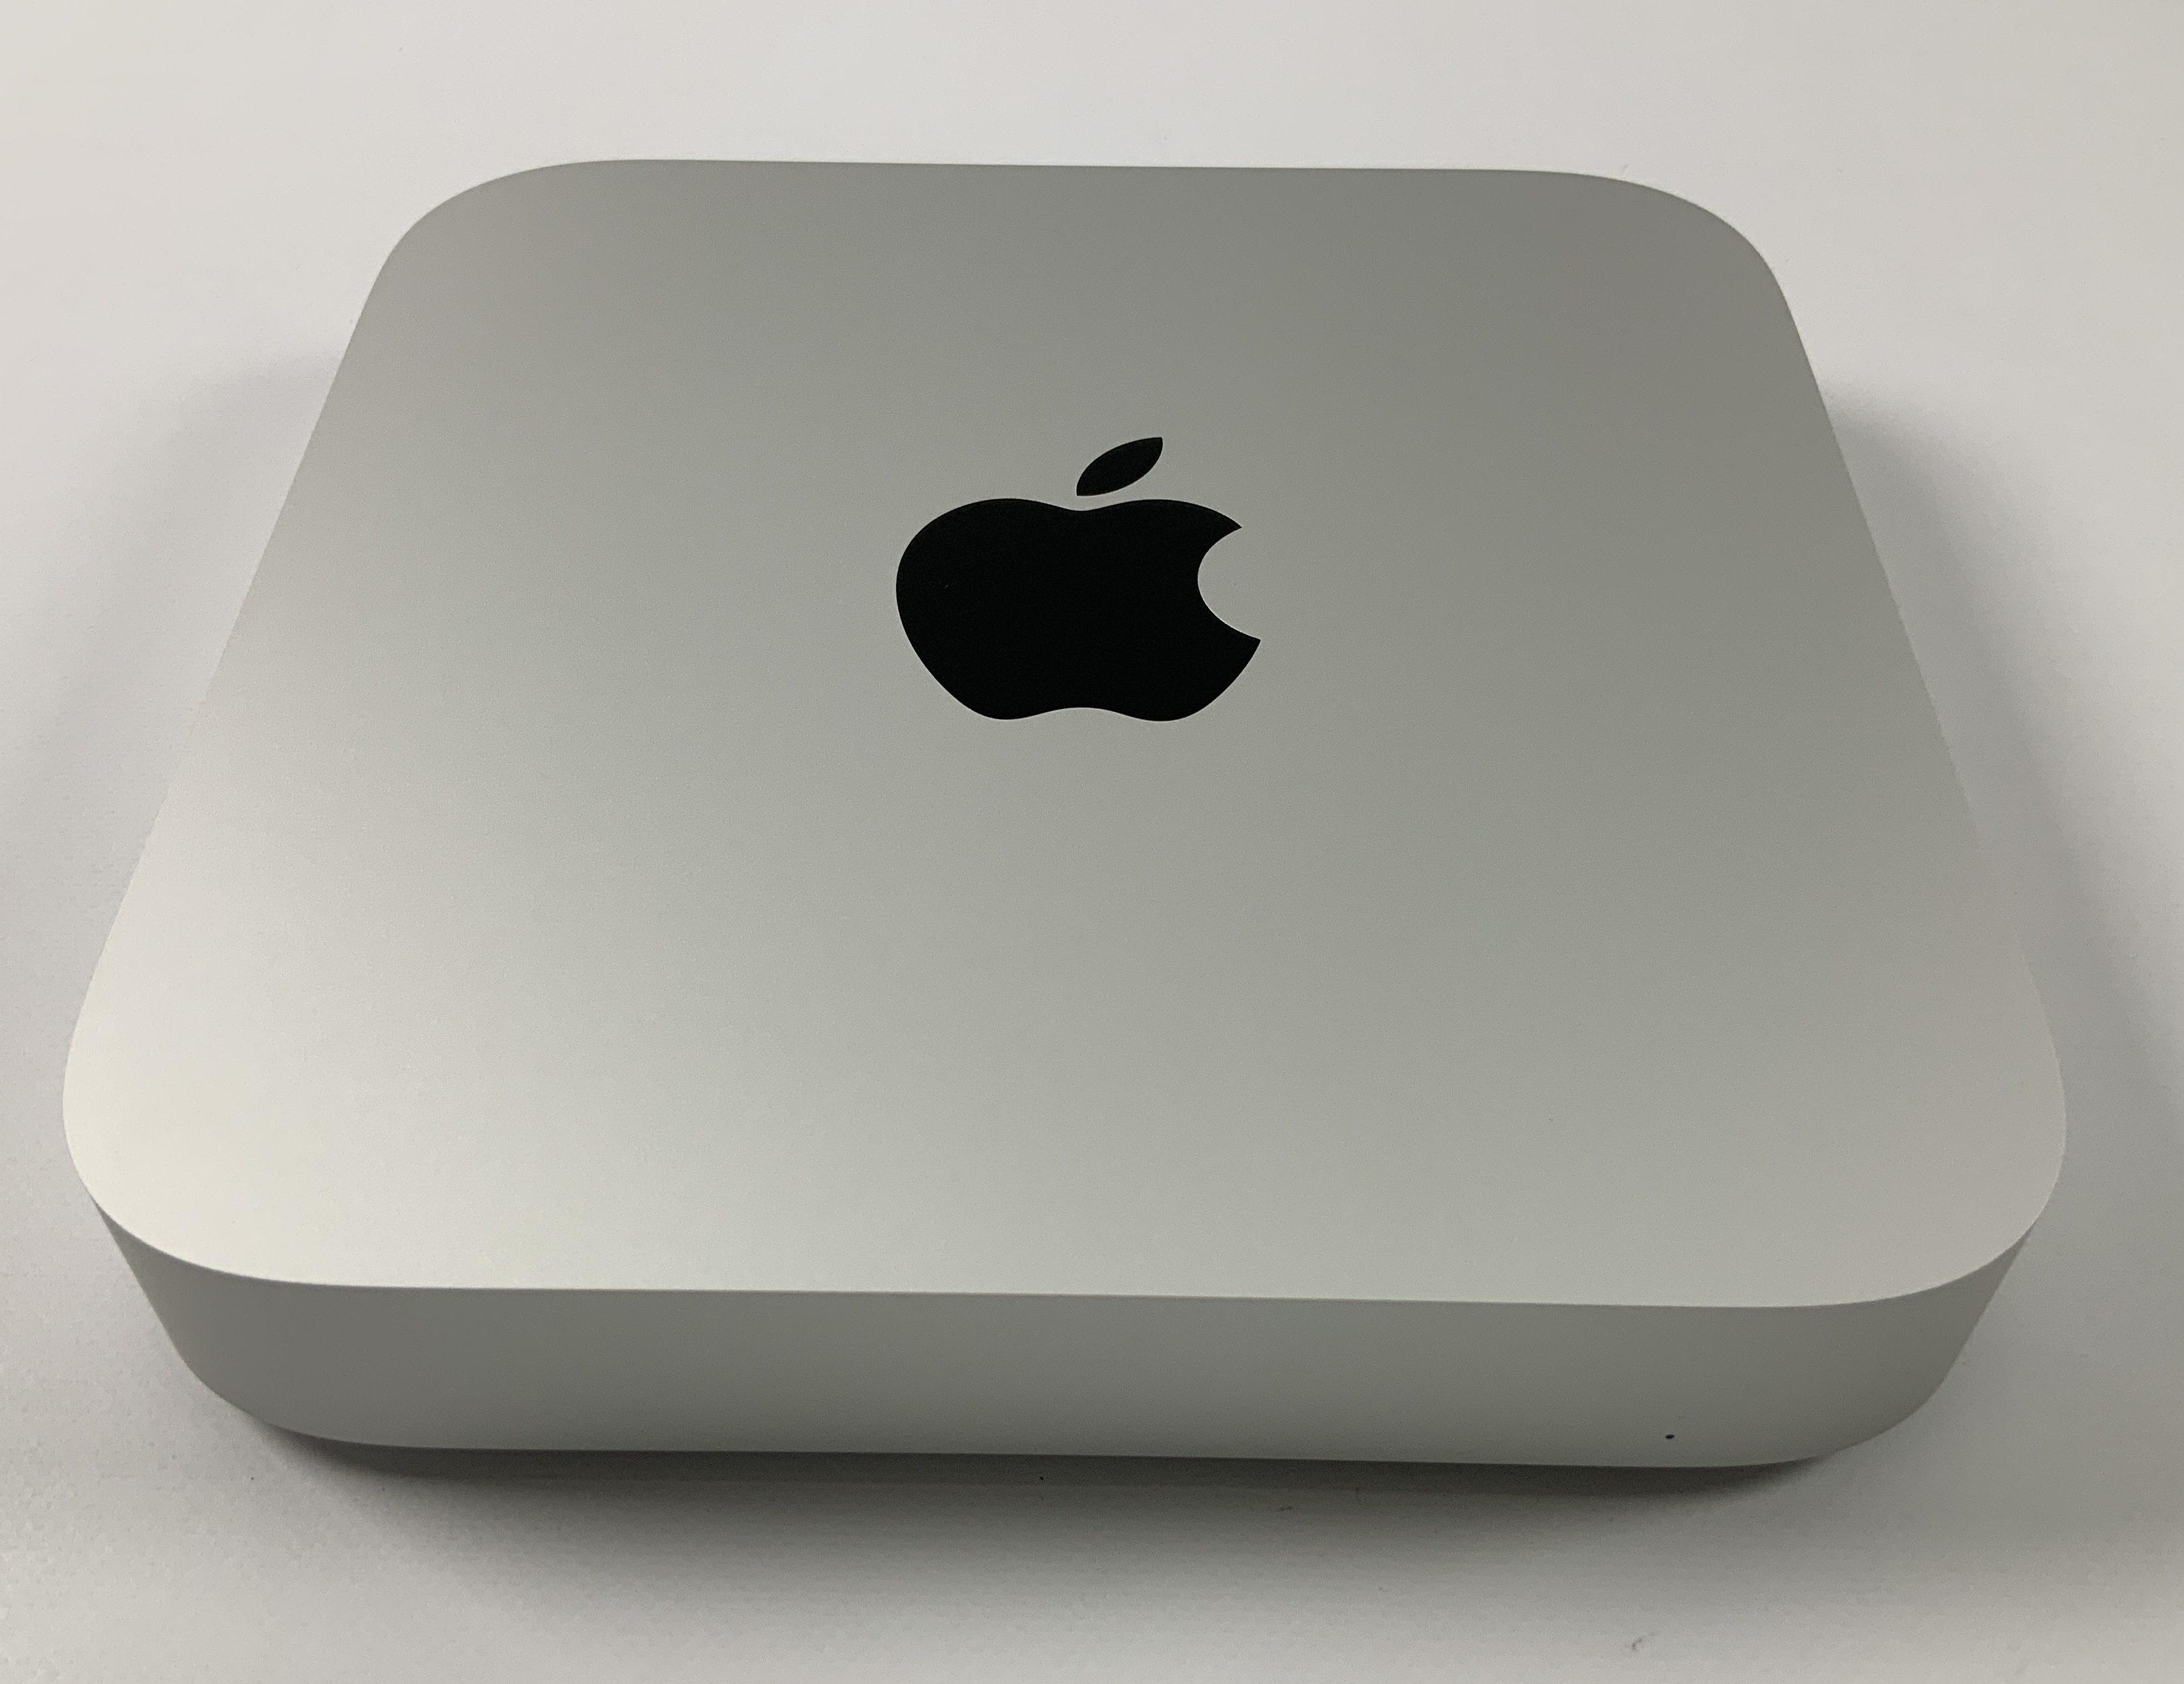 Mac Mini M1 2020 (Apple M1 3.2 GHz 8 GB RAM 512 GB SSD), Apple M1 3.2 GHz, 8 GB RAM, 512 GB SSD, image 1